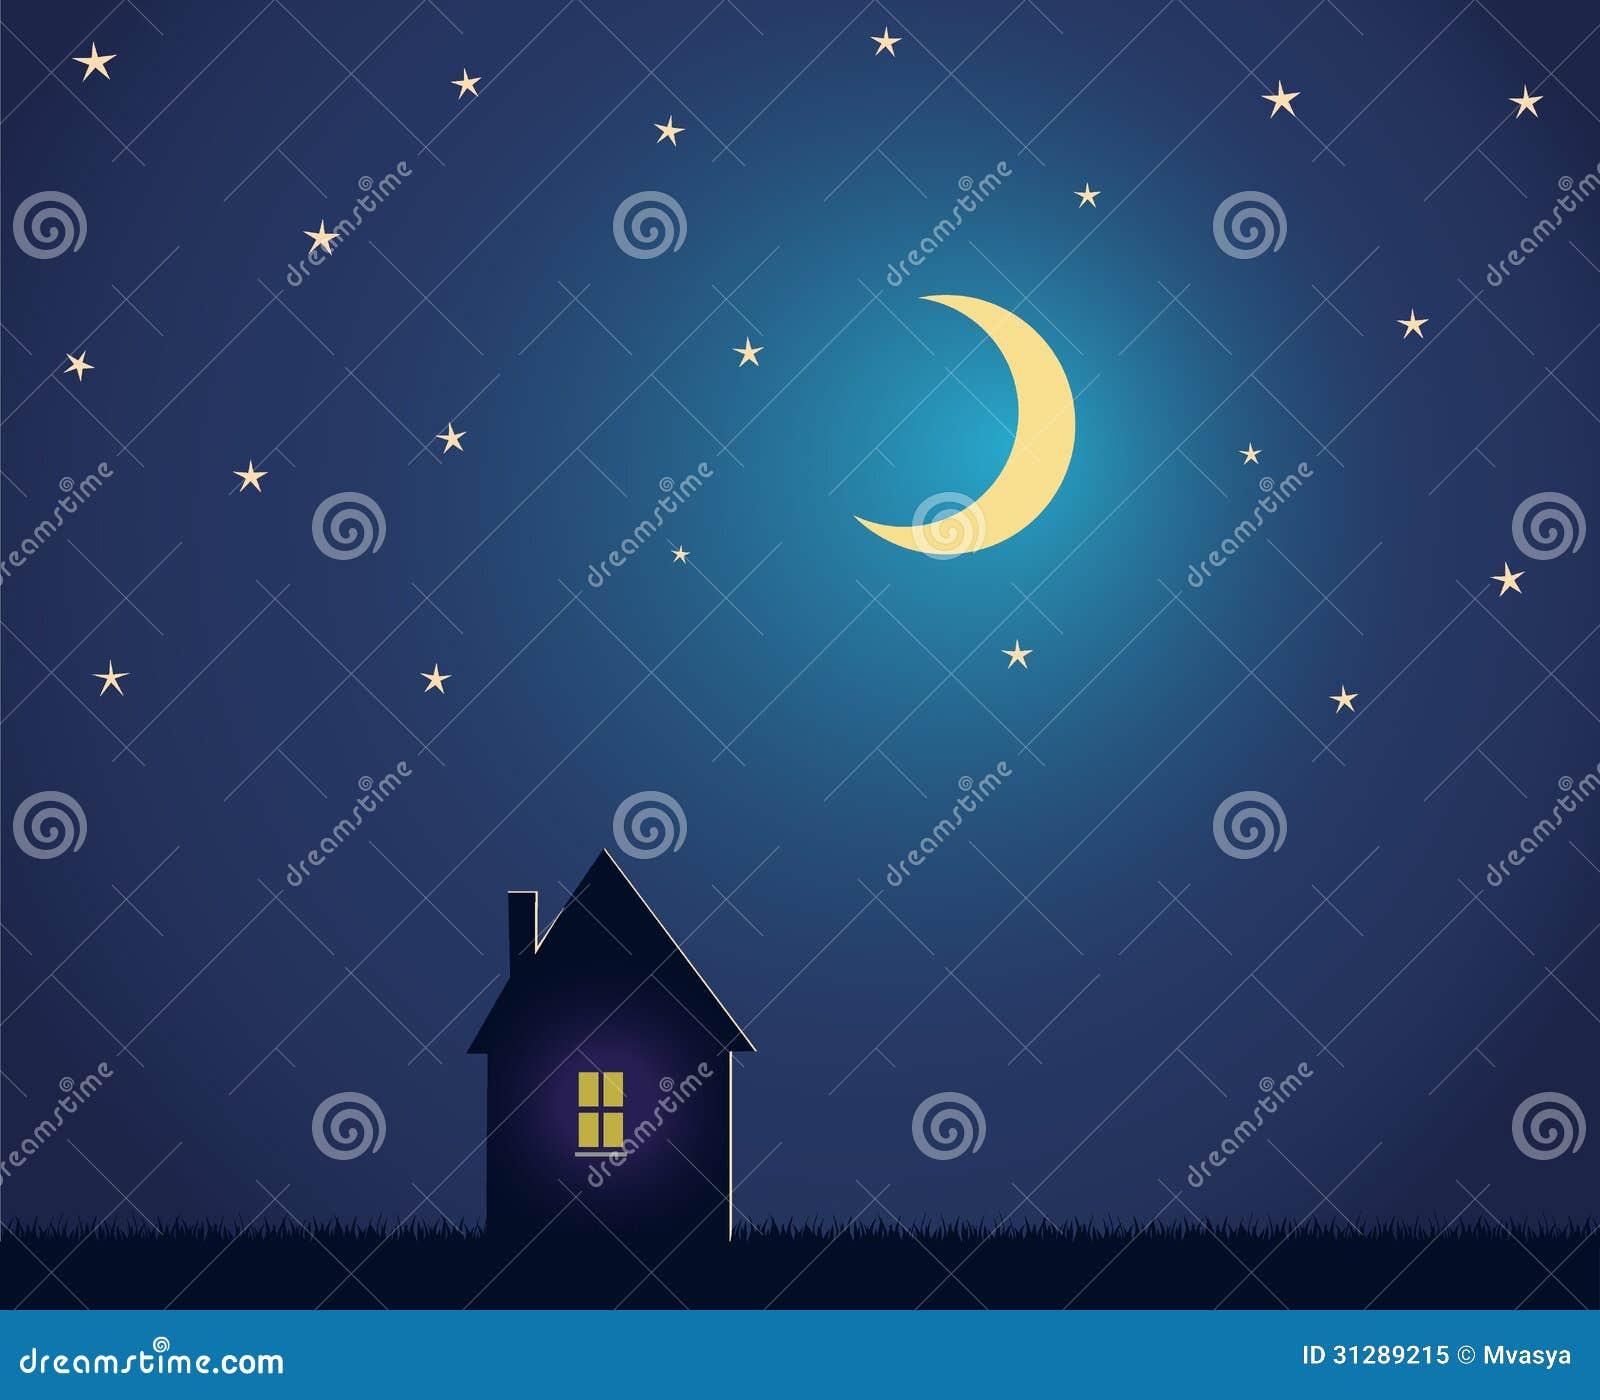 chambre et ciel nocturne avec les toiles et la lune photo libre de droits image 31289215. Black Bedroom Furniture Sets. Home Design Ideas